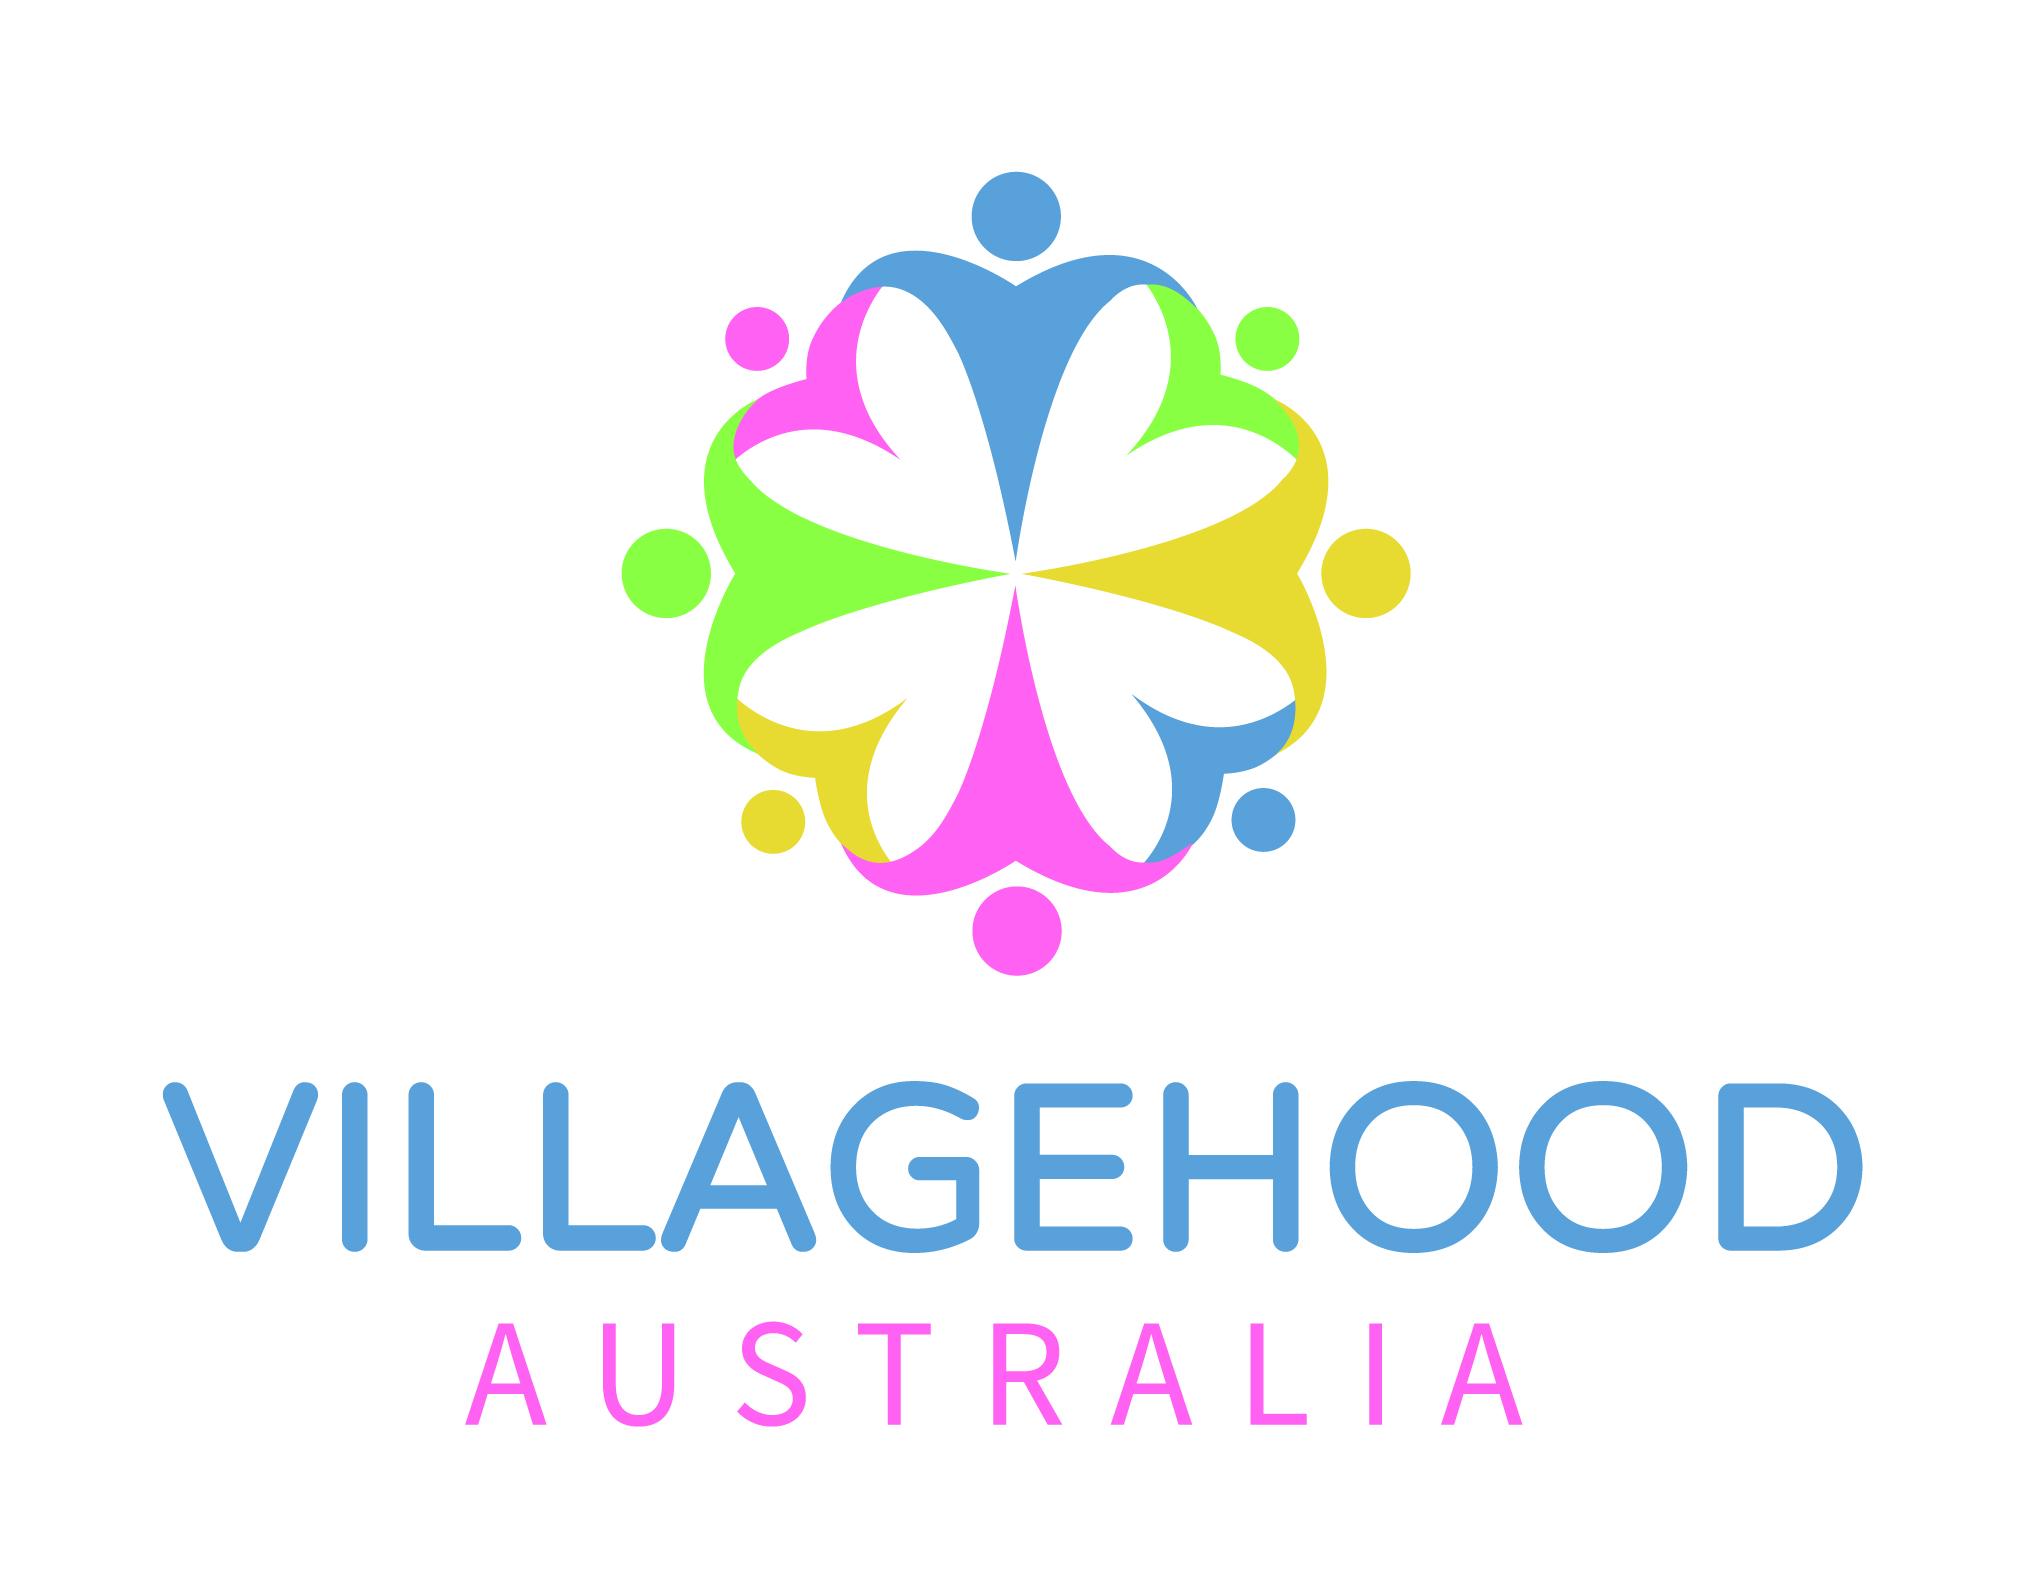 Villagehood Australia